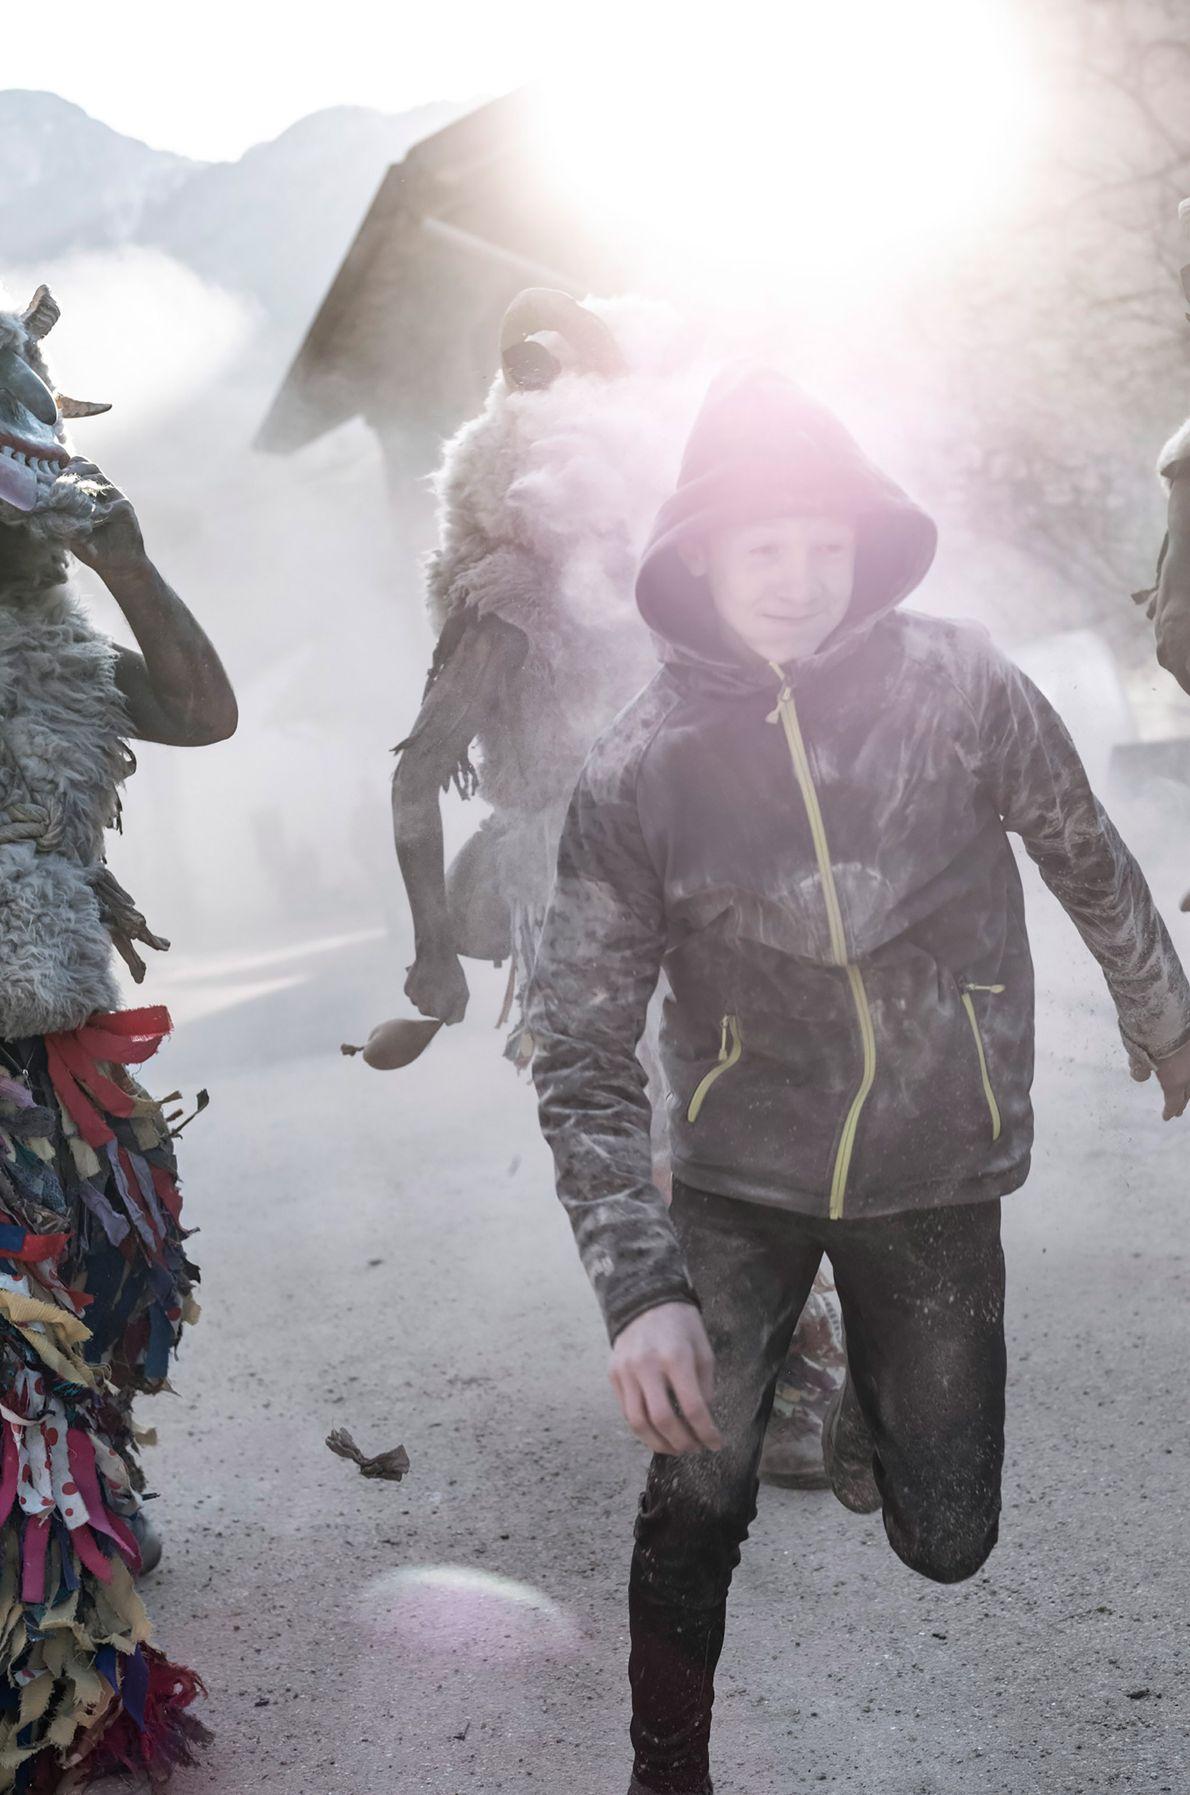 Les garçons du village portent des vêtements à capuche et manches longues pour se protéger de ...